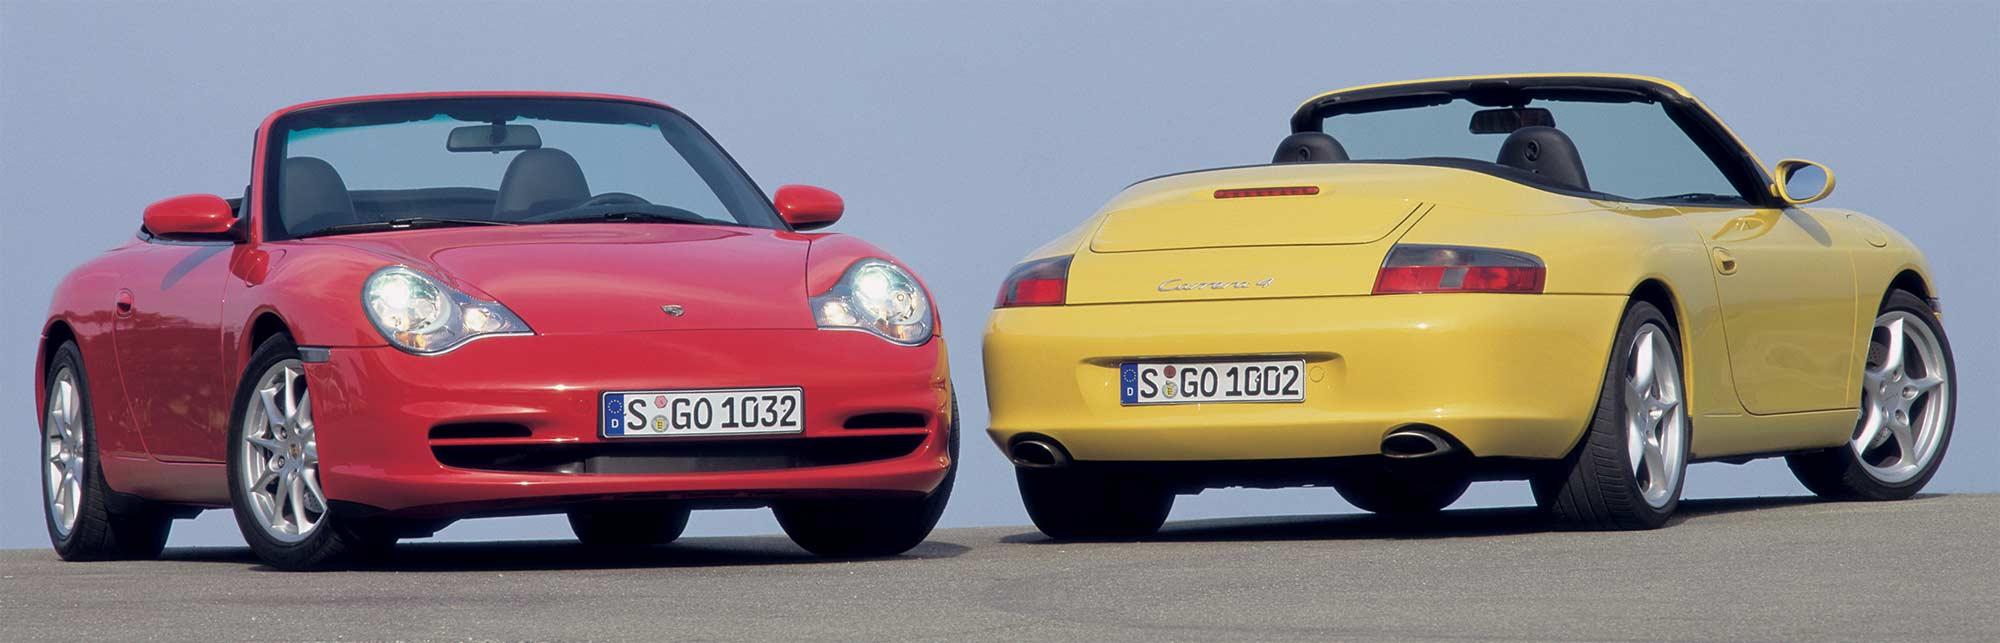 Porsche 996 Cabrio Facelift